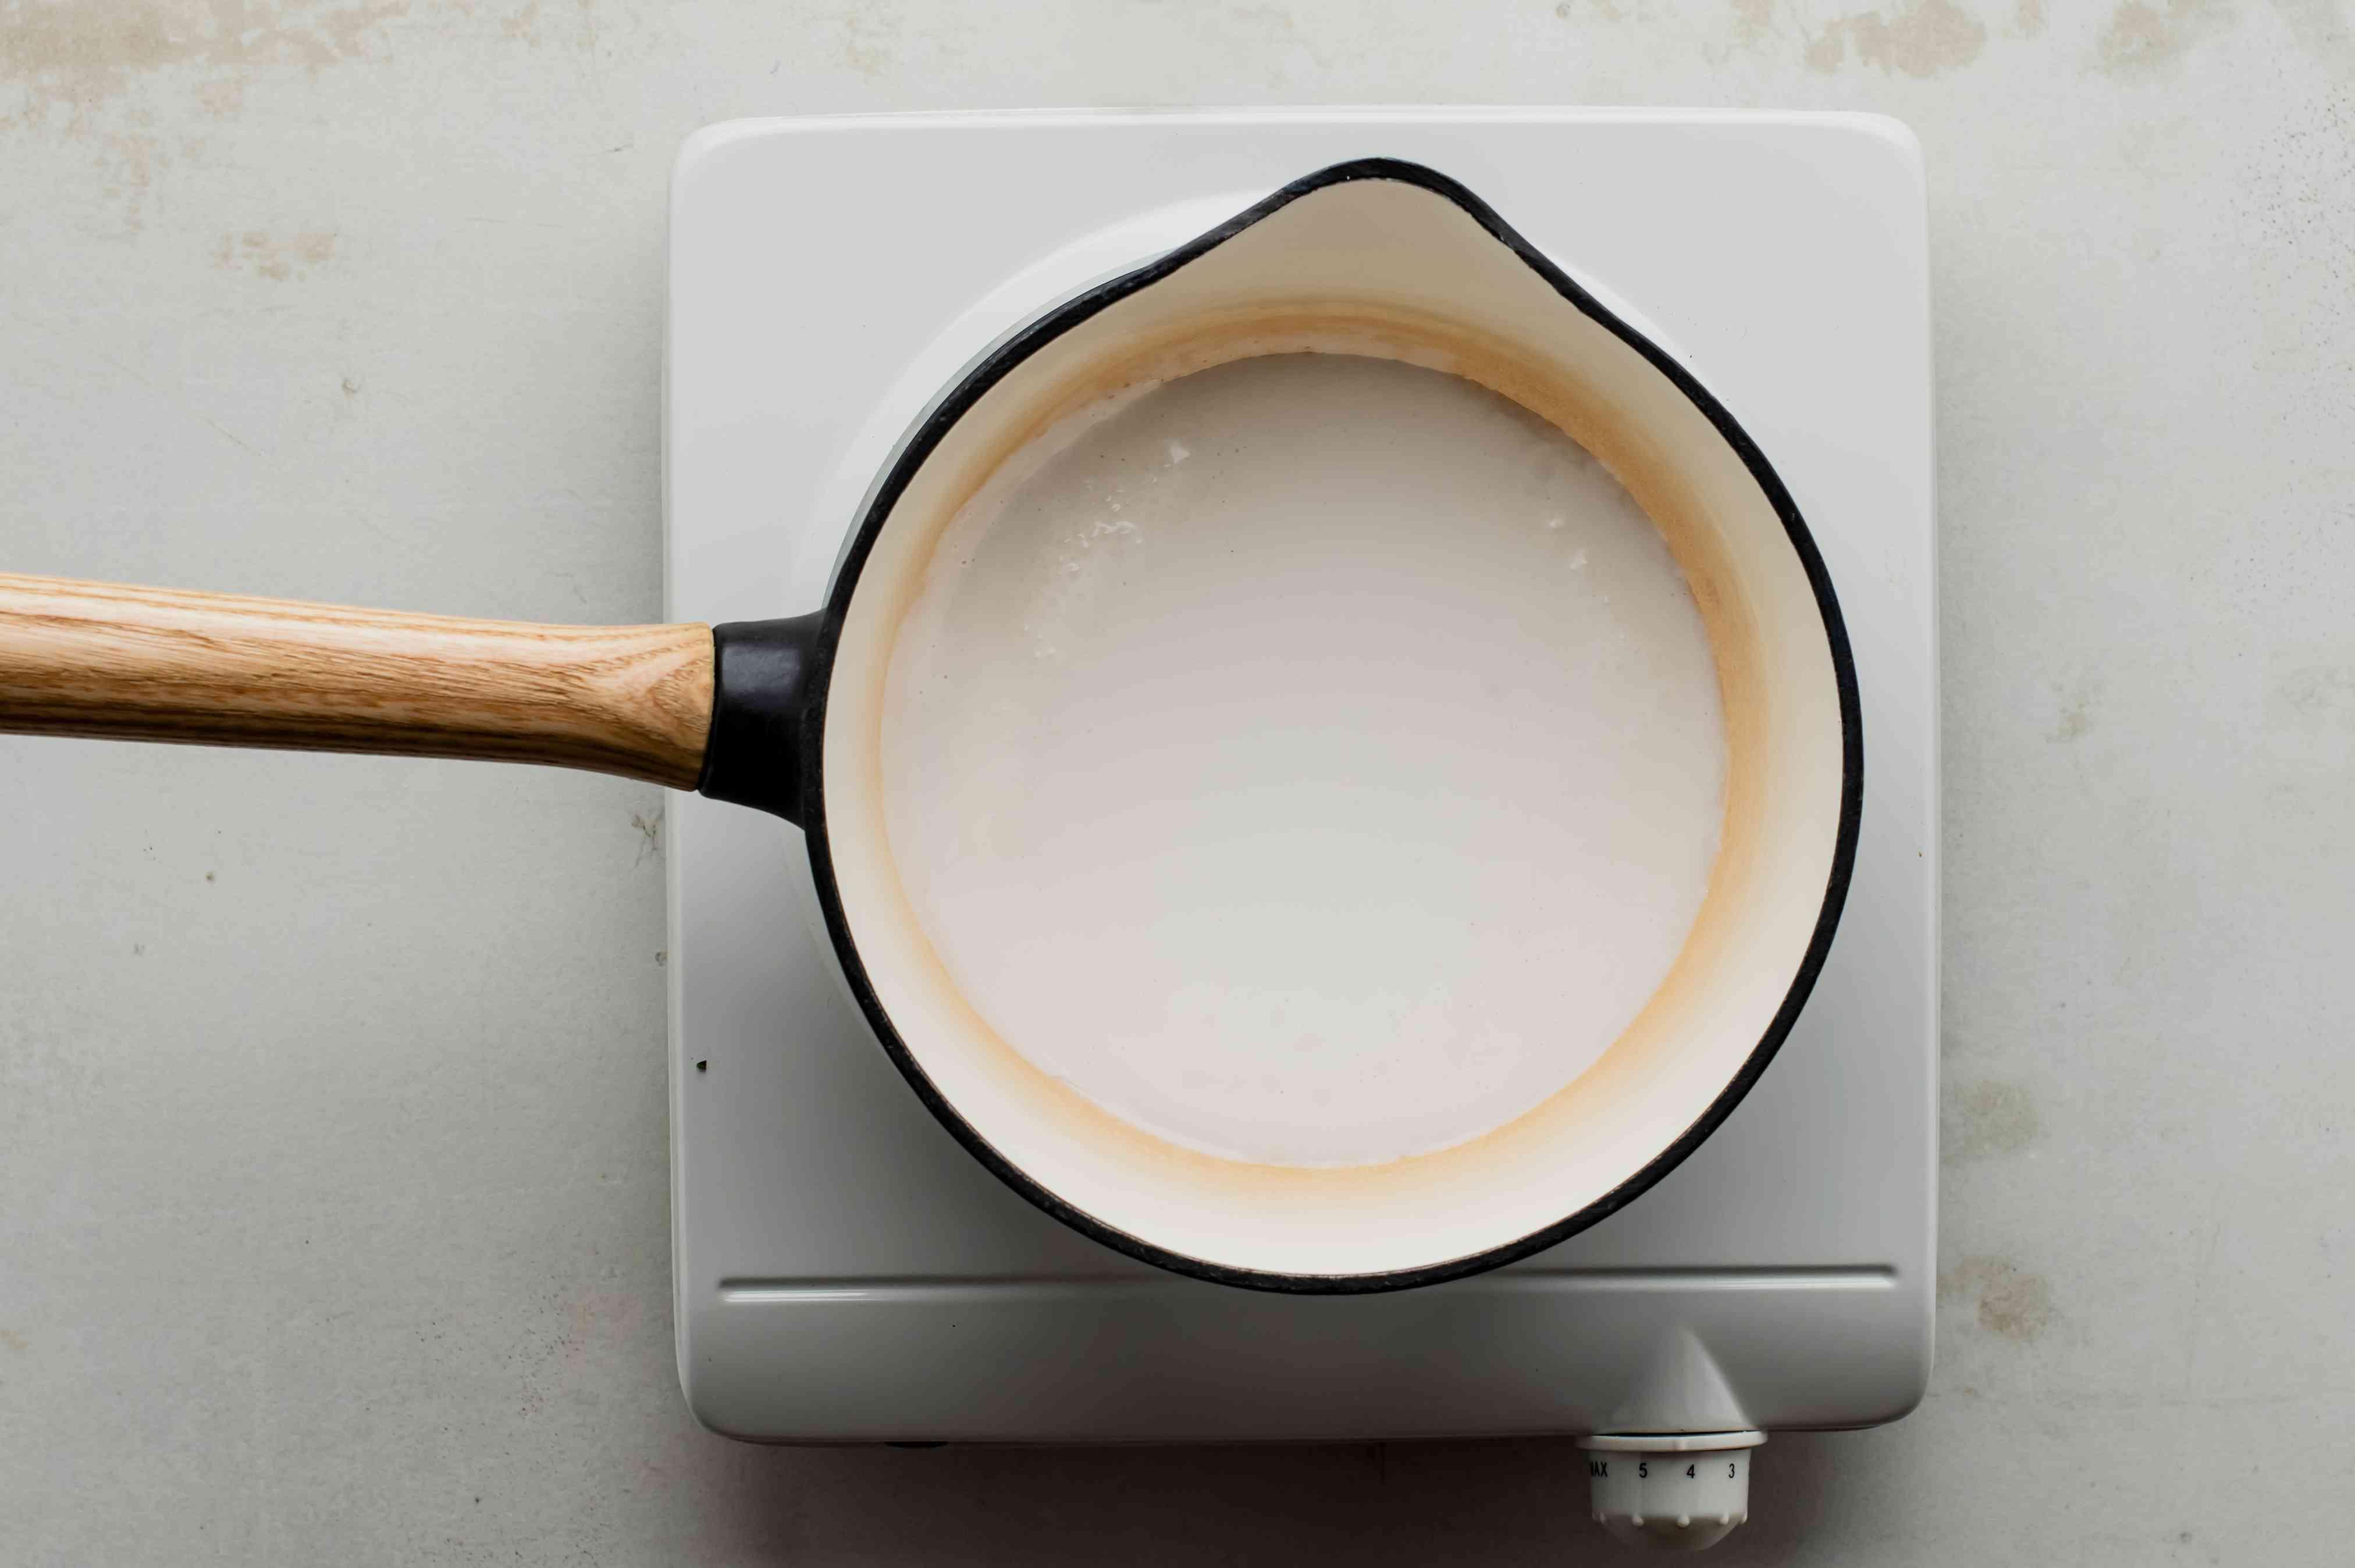 Pour coconut milk into pot